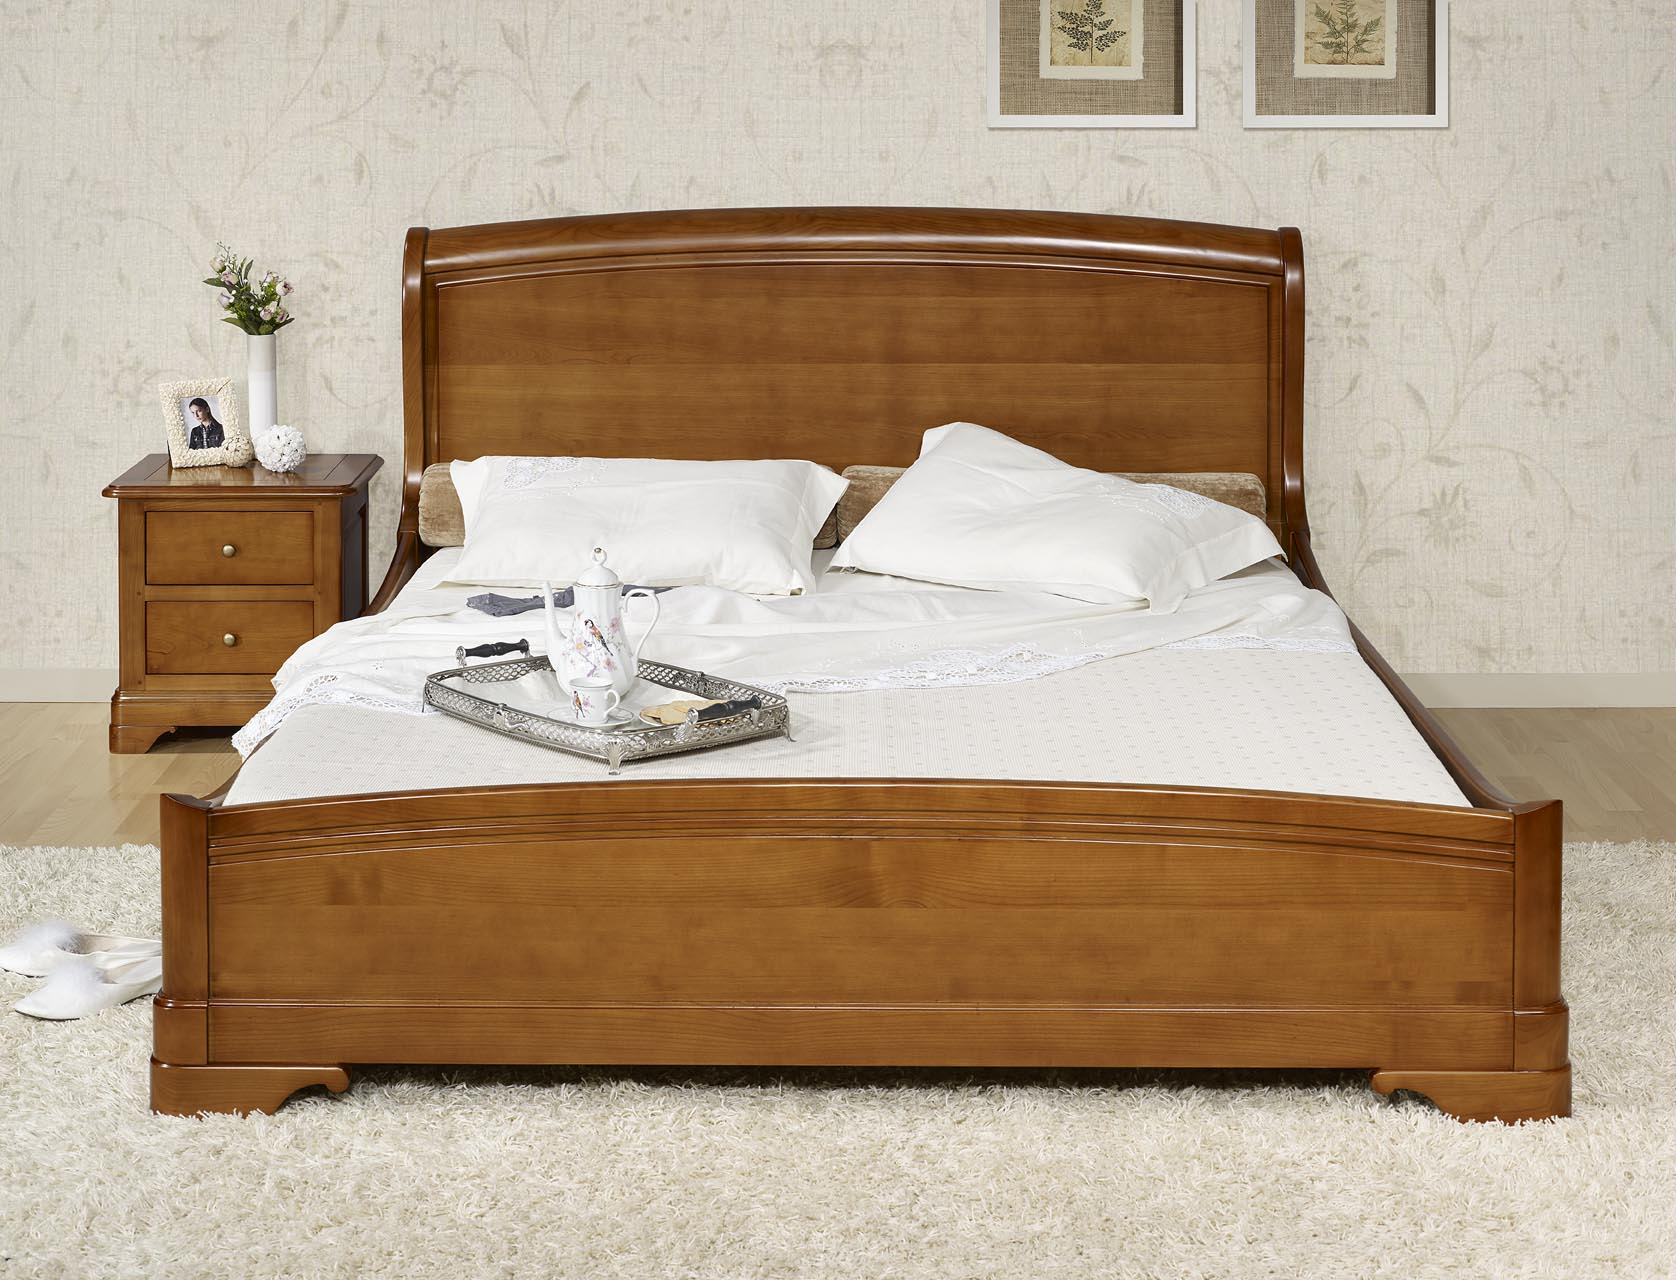 Lit 160x200 en merisier massif de style louis philippe meuble en merisier massif - Tete de lit merisier 160 ...